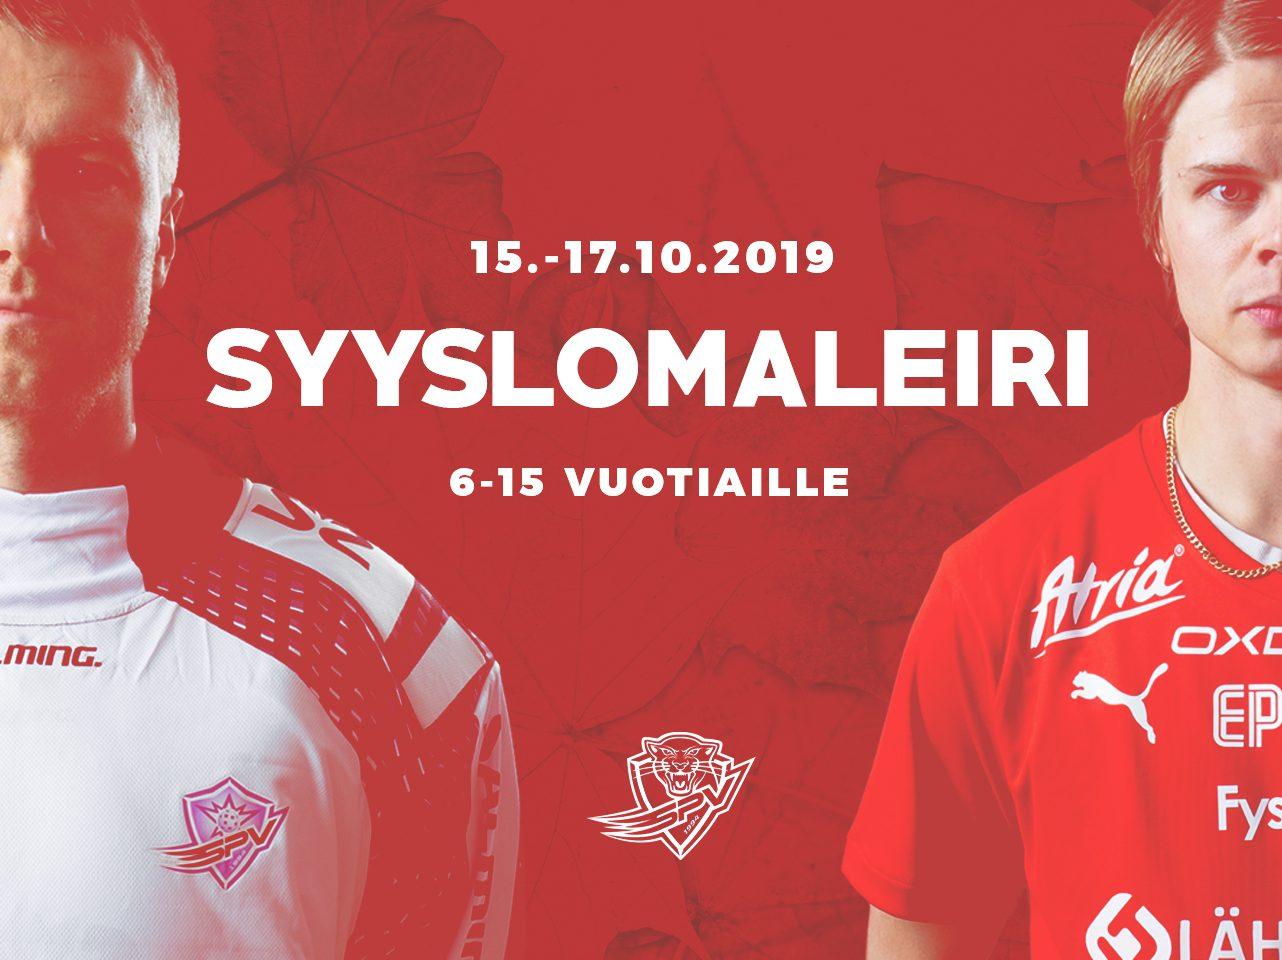 syyslomaleiri2019